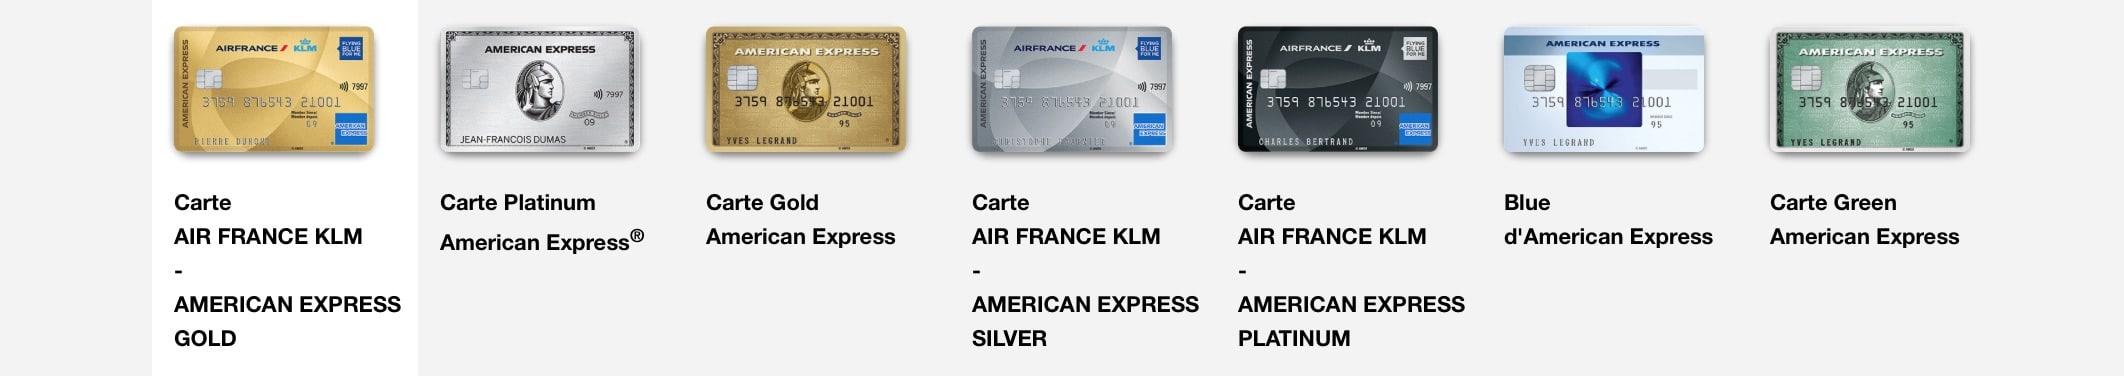 Cartes Amex